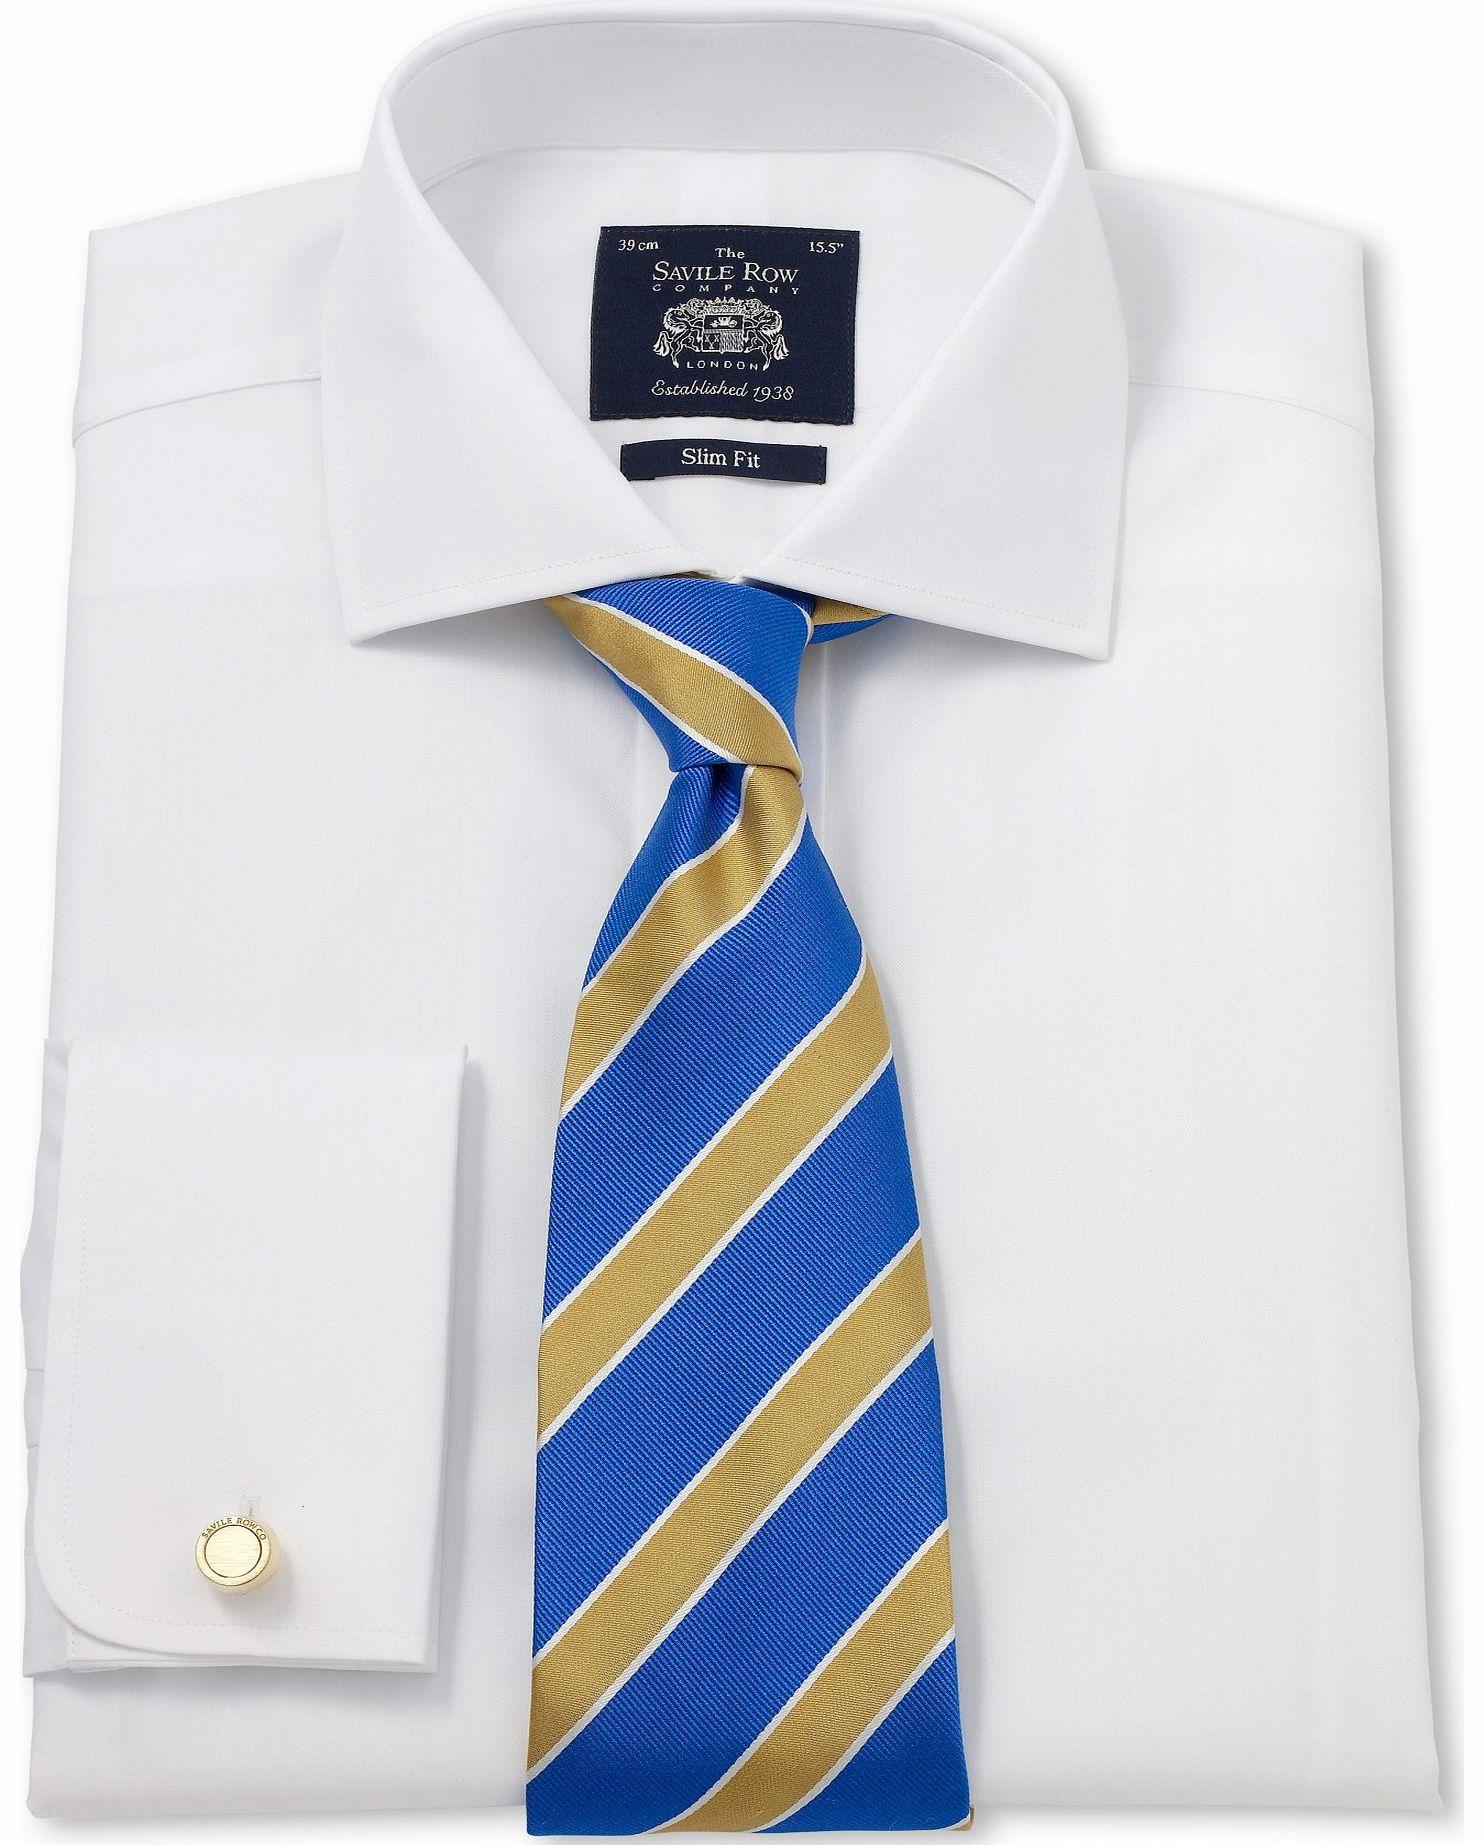 Savile Row Company White Luxury Herringbone Slim Fit Shirt